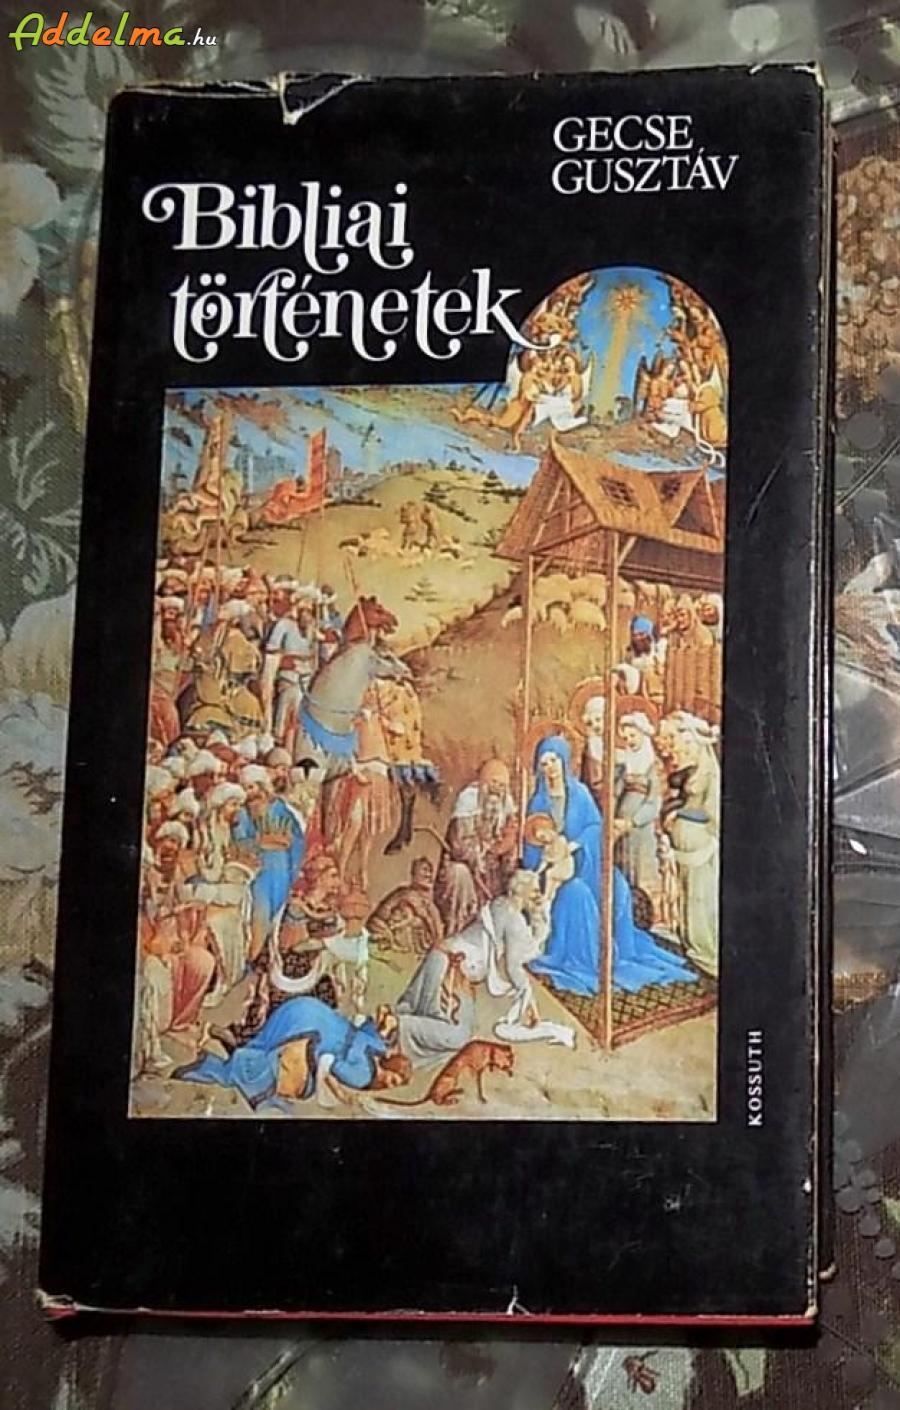 Gecse Gusztáv: Bibliai történetek (1985 - Kossuth)